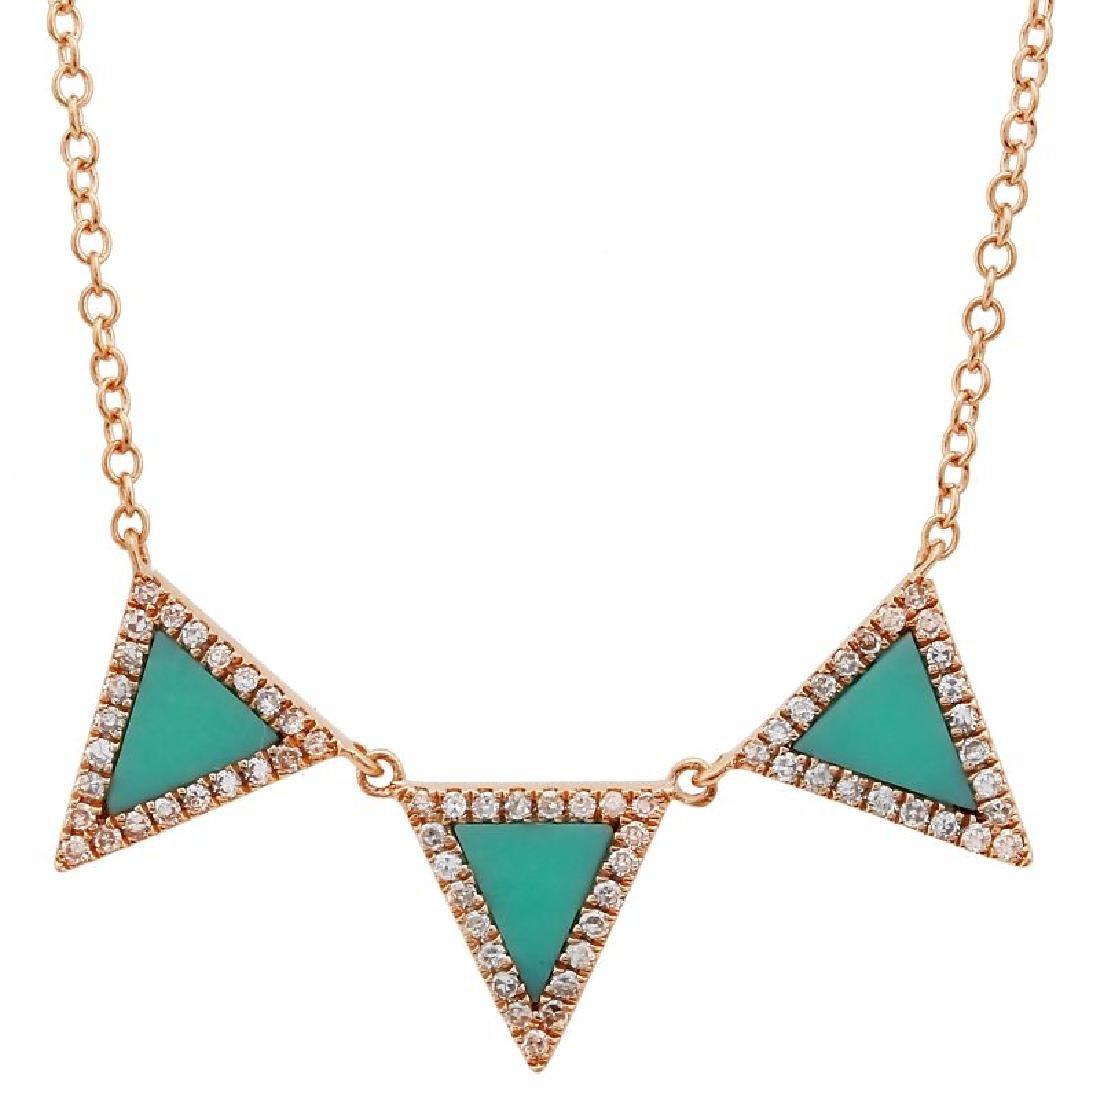 14KT Rose Gold Gemstone Necklace